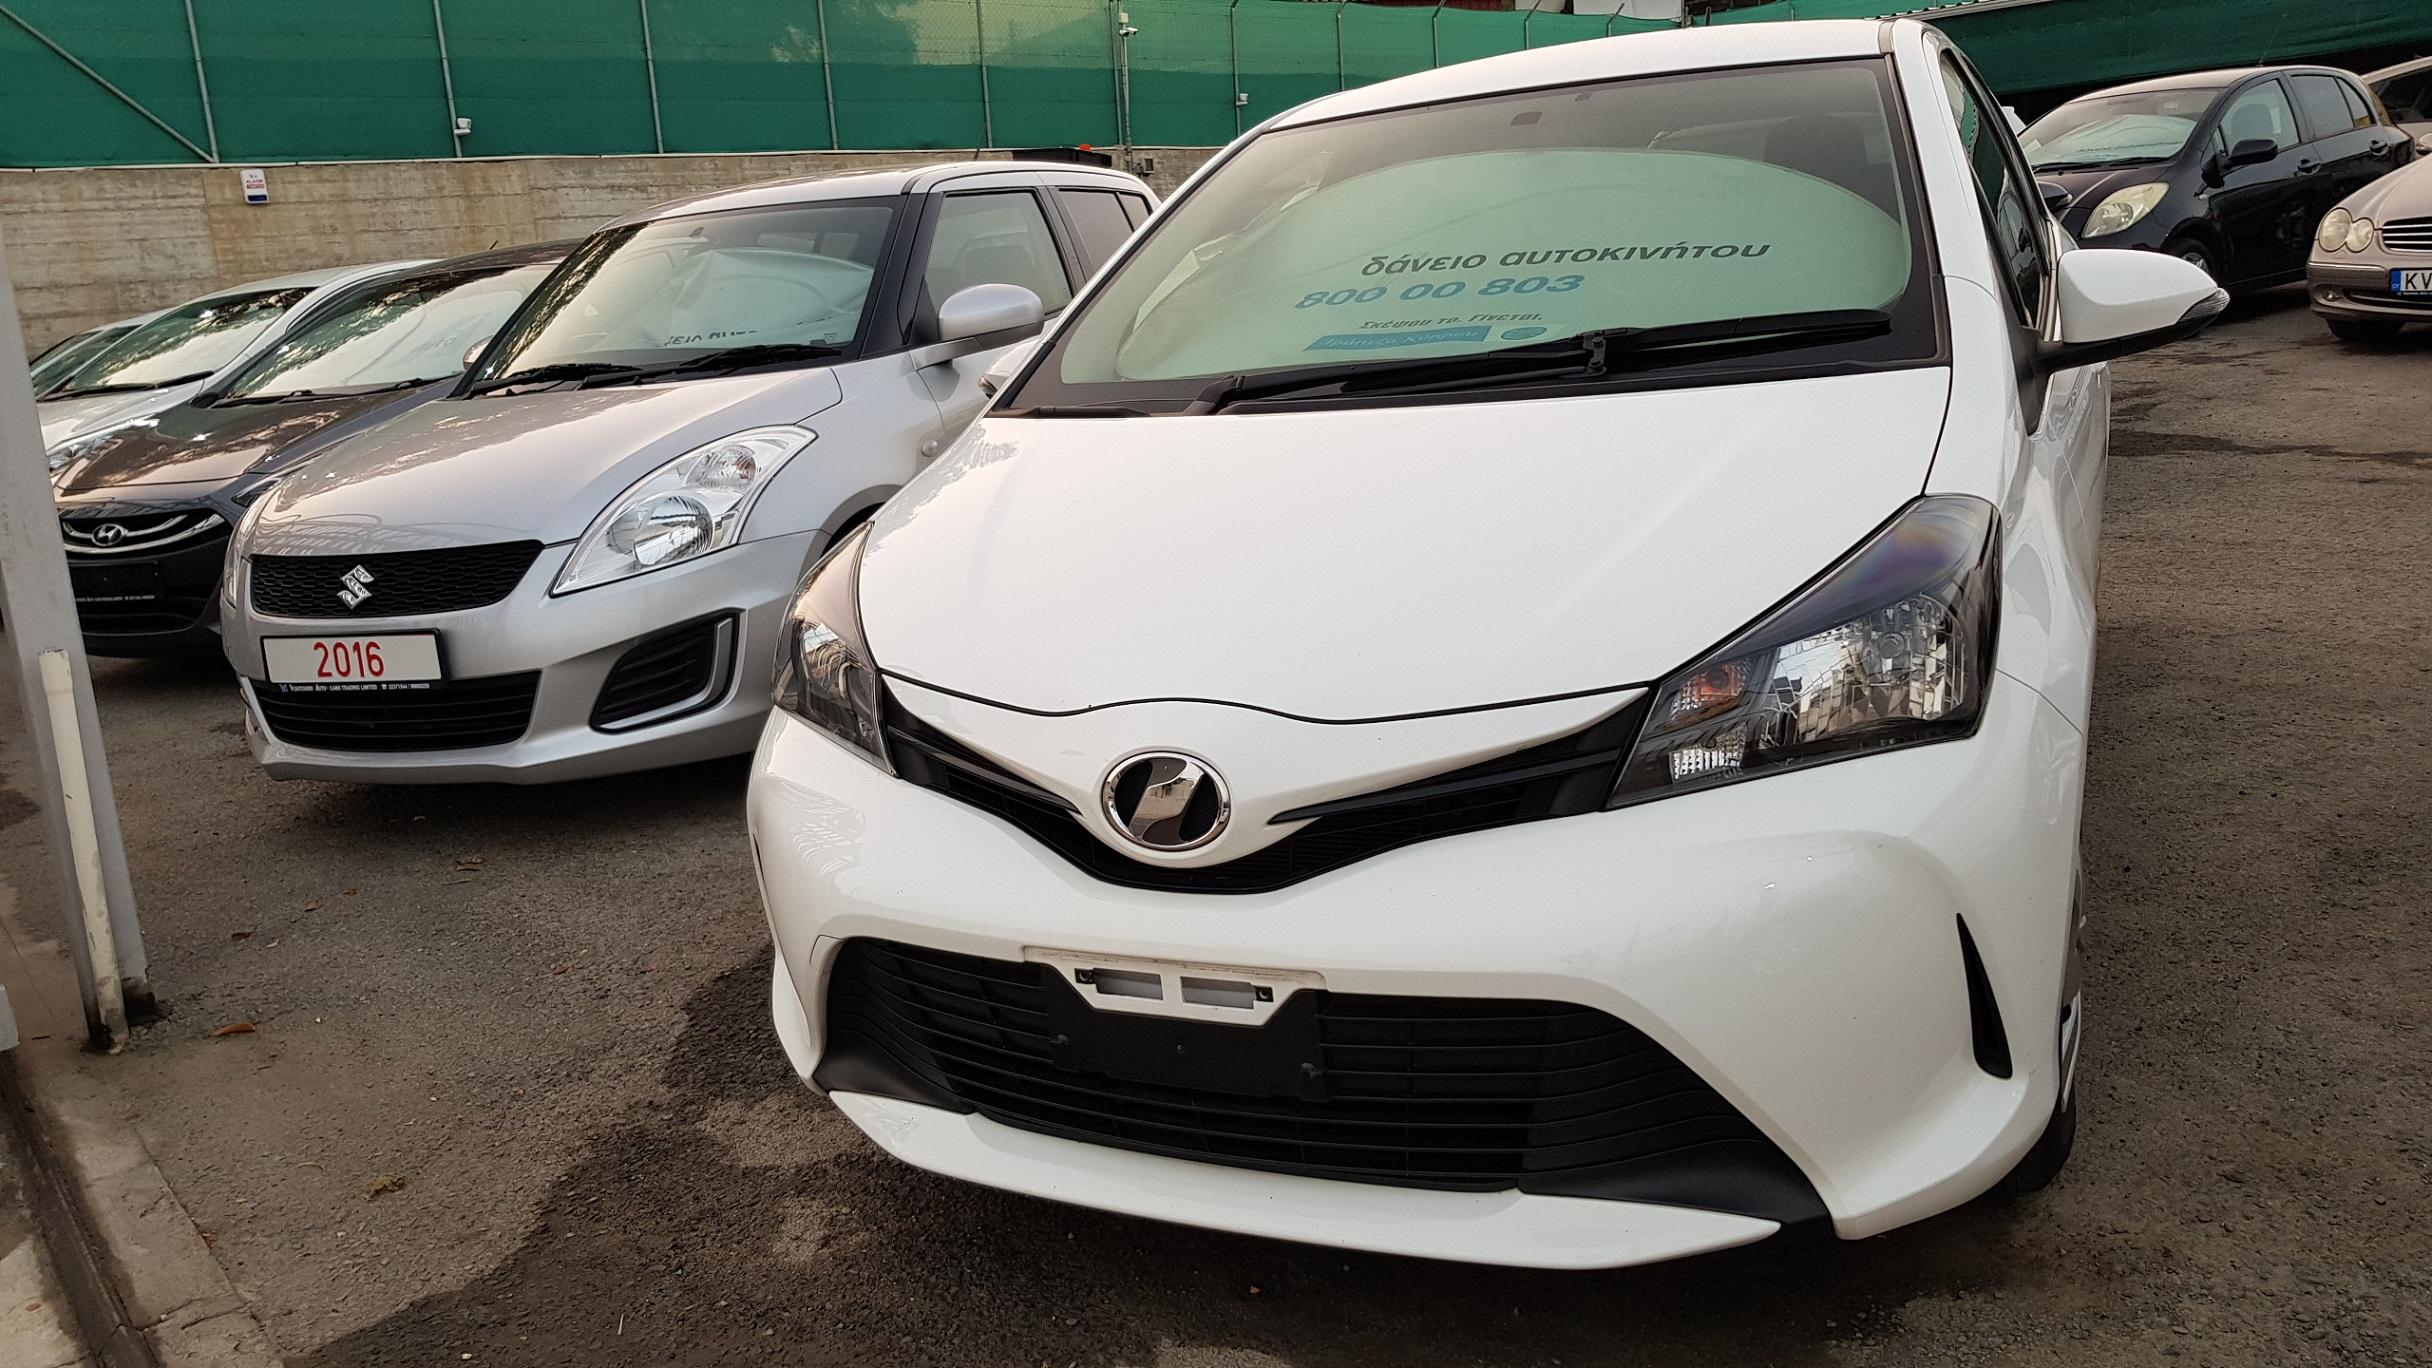 Toyota Vitz 2015 White 01